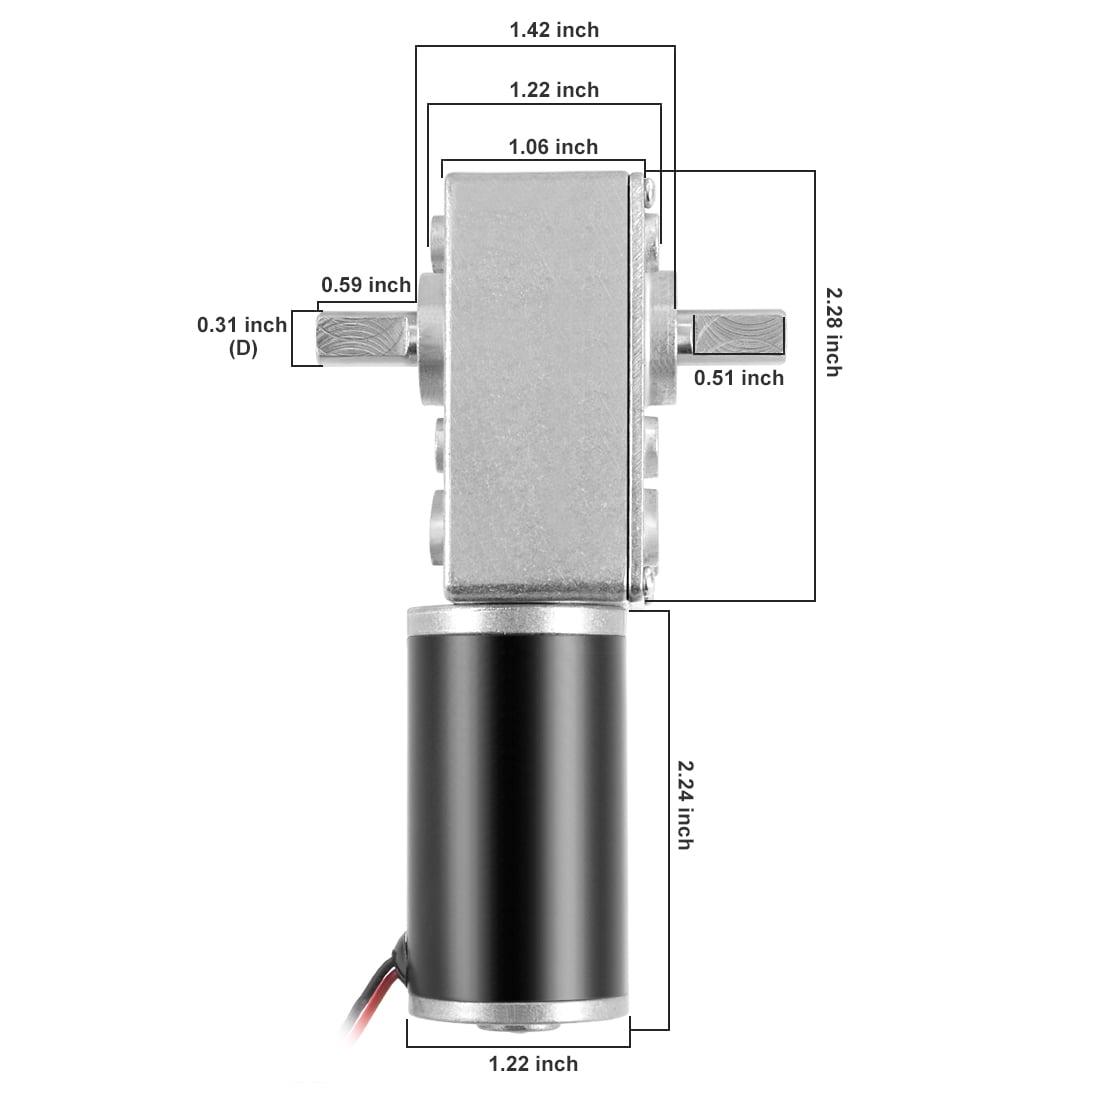 Arbre Moteur Engrenage Vis Sans Fin Double DC 12V 110RPM Moteur Réduction Vitesse - image 6 de 7